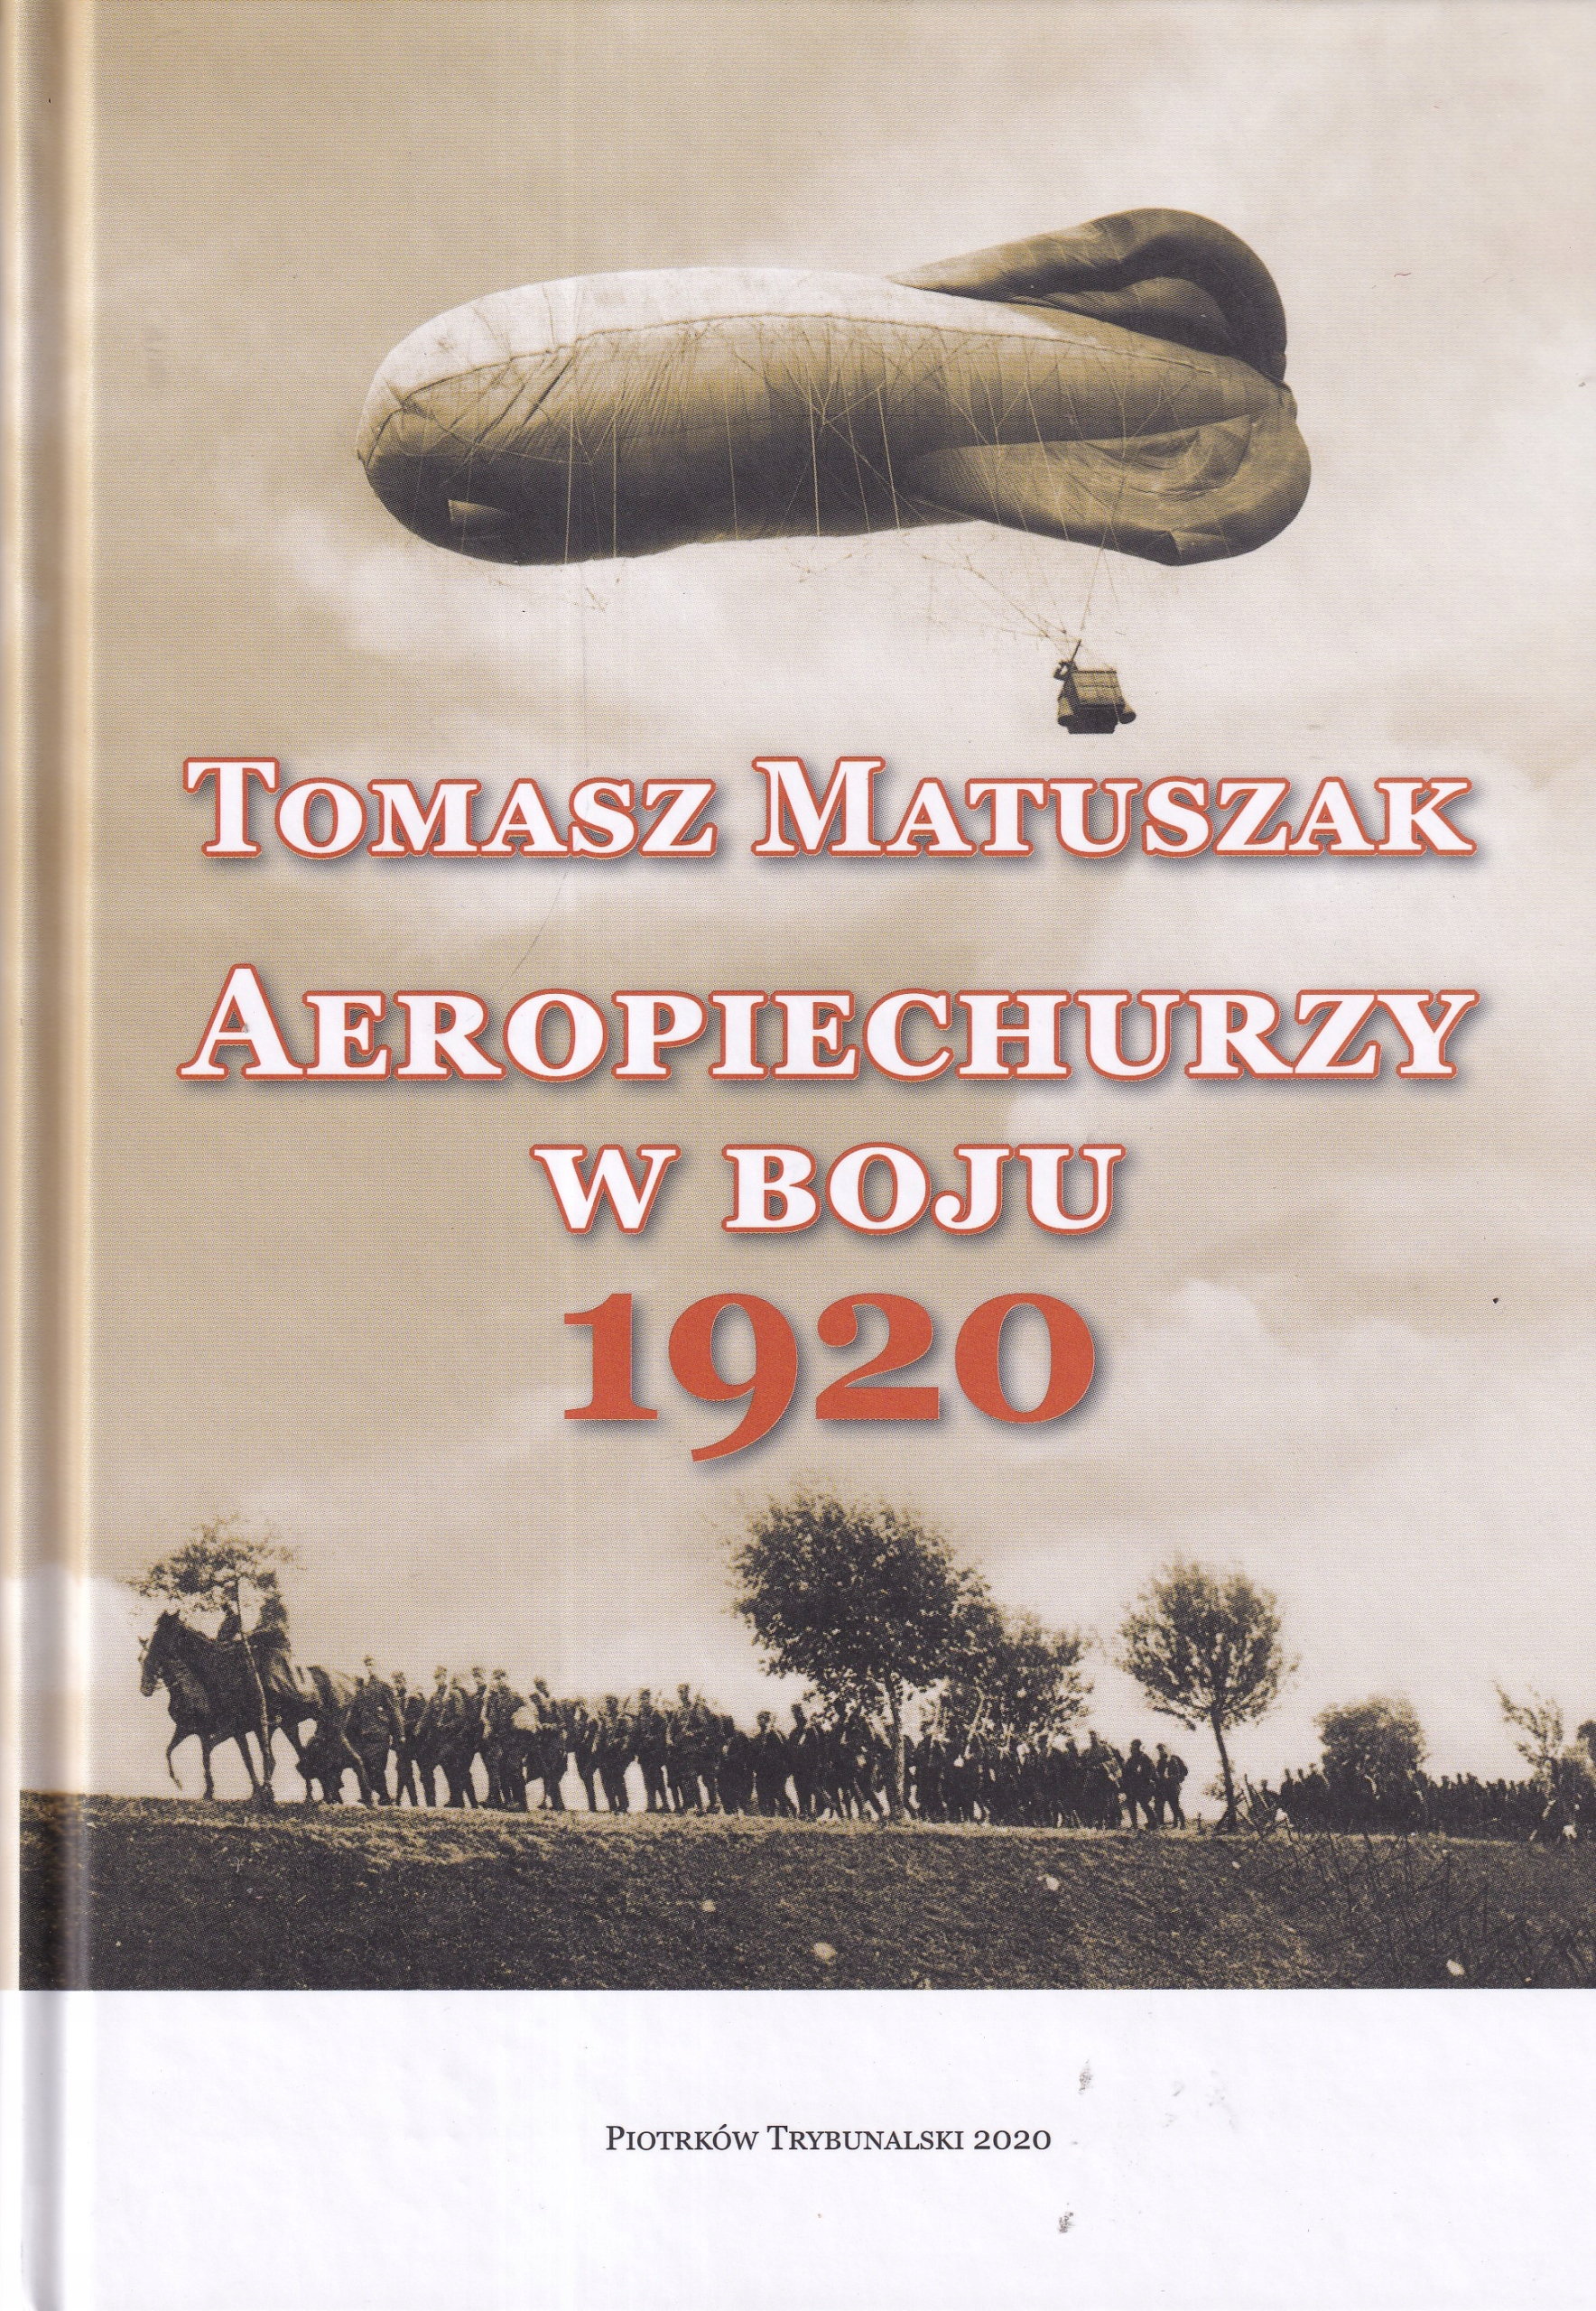 Летчики в боях на воздушном шаре армии 1920 г.